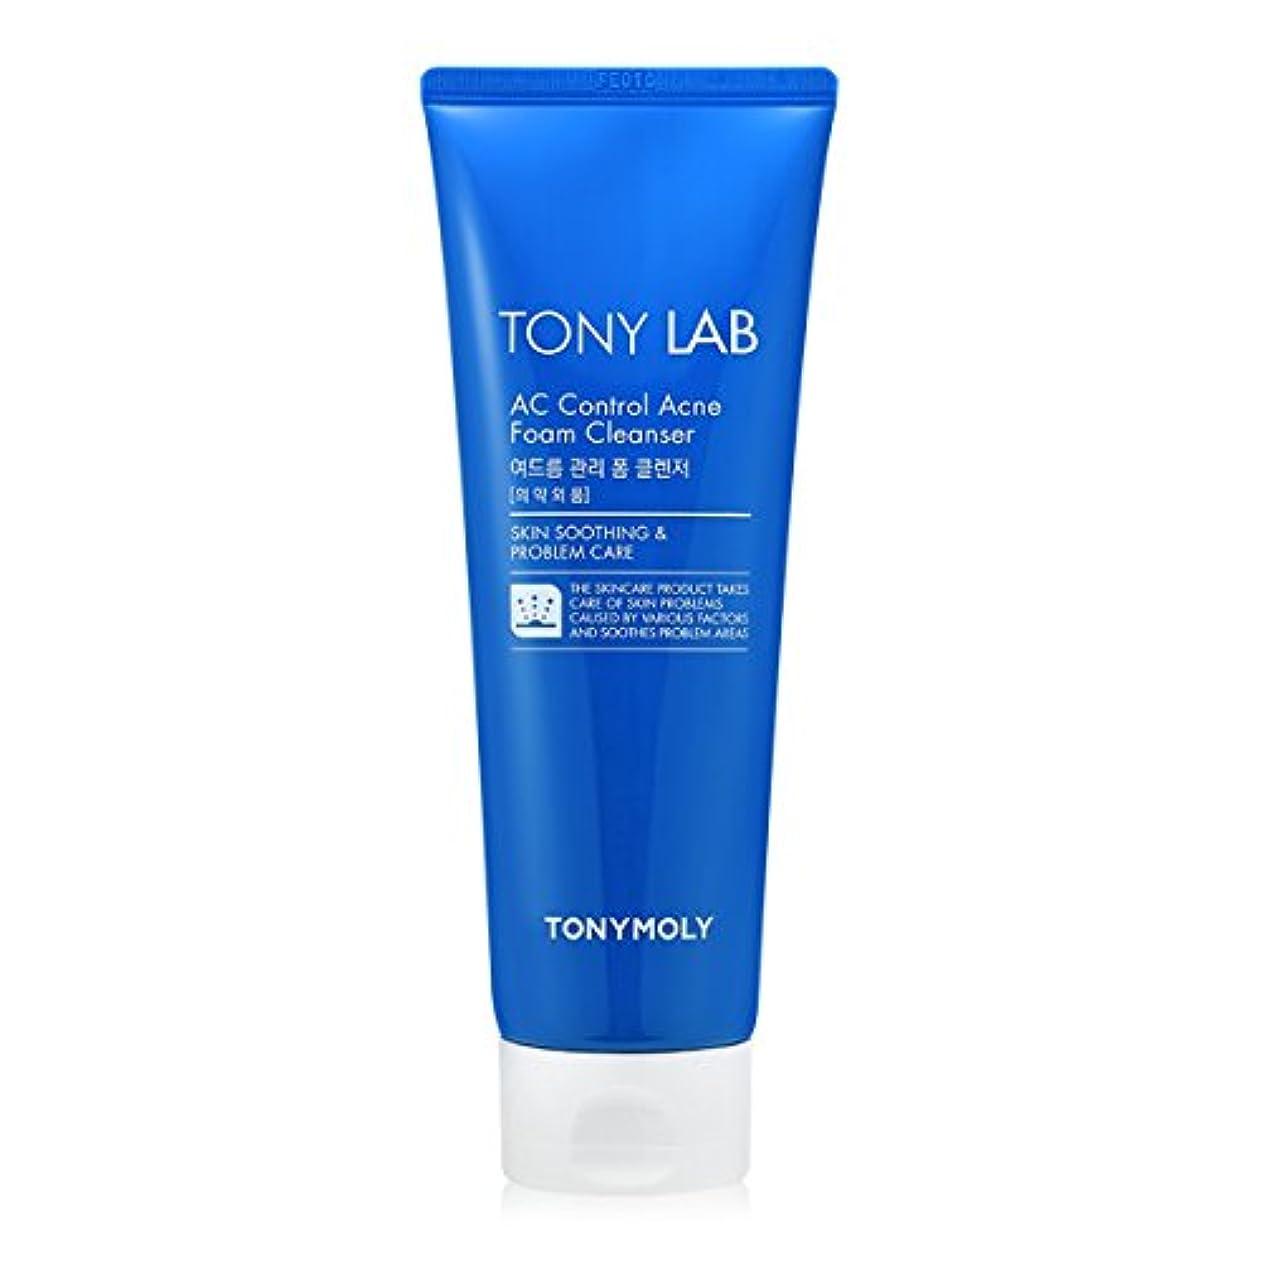 バックアップダンプ下線[New] TONYMOLY Tony Lab AC Control Acne Foam Cleanser 150ml/トニーモリー トニー ラボ AC コントロール アクネ フォーム クレンザー 150ml